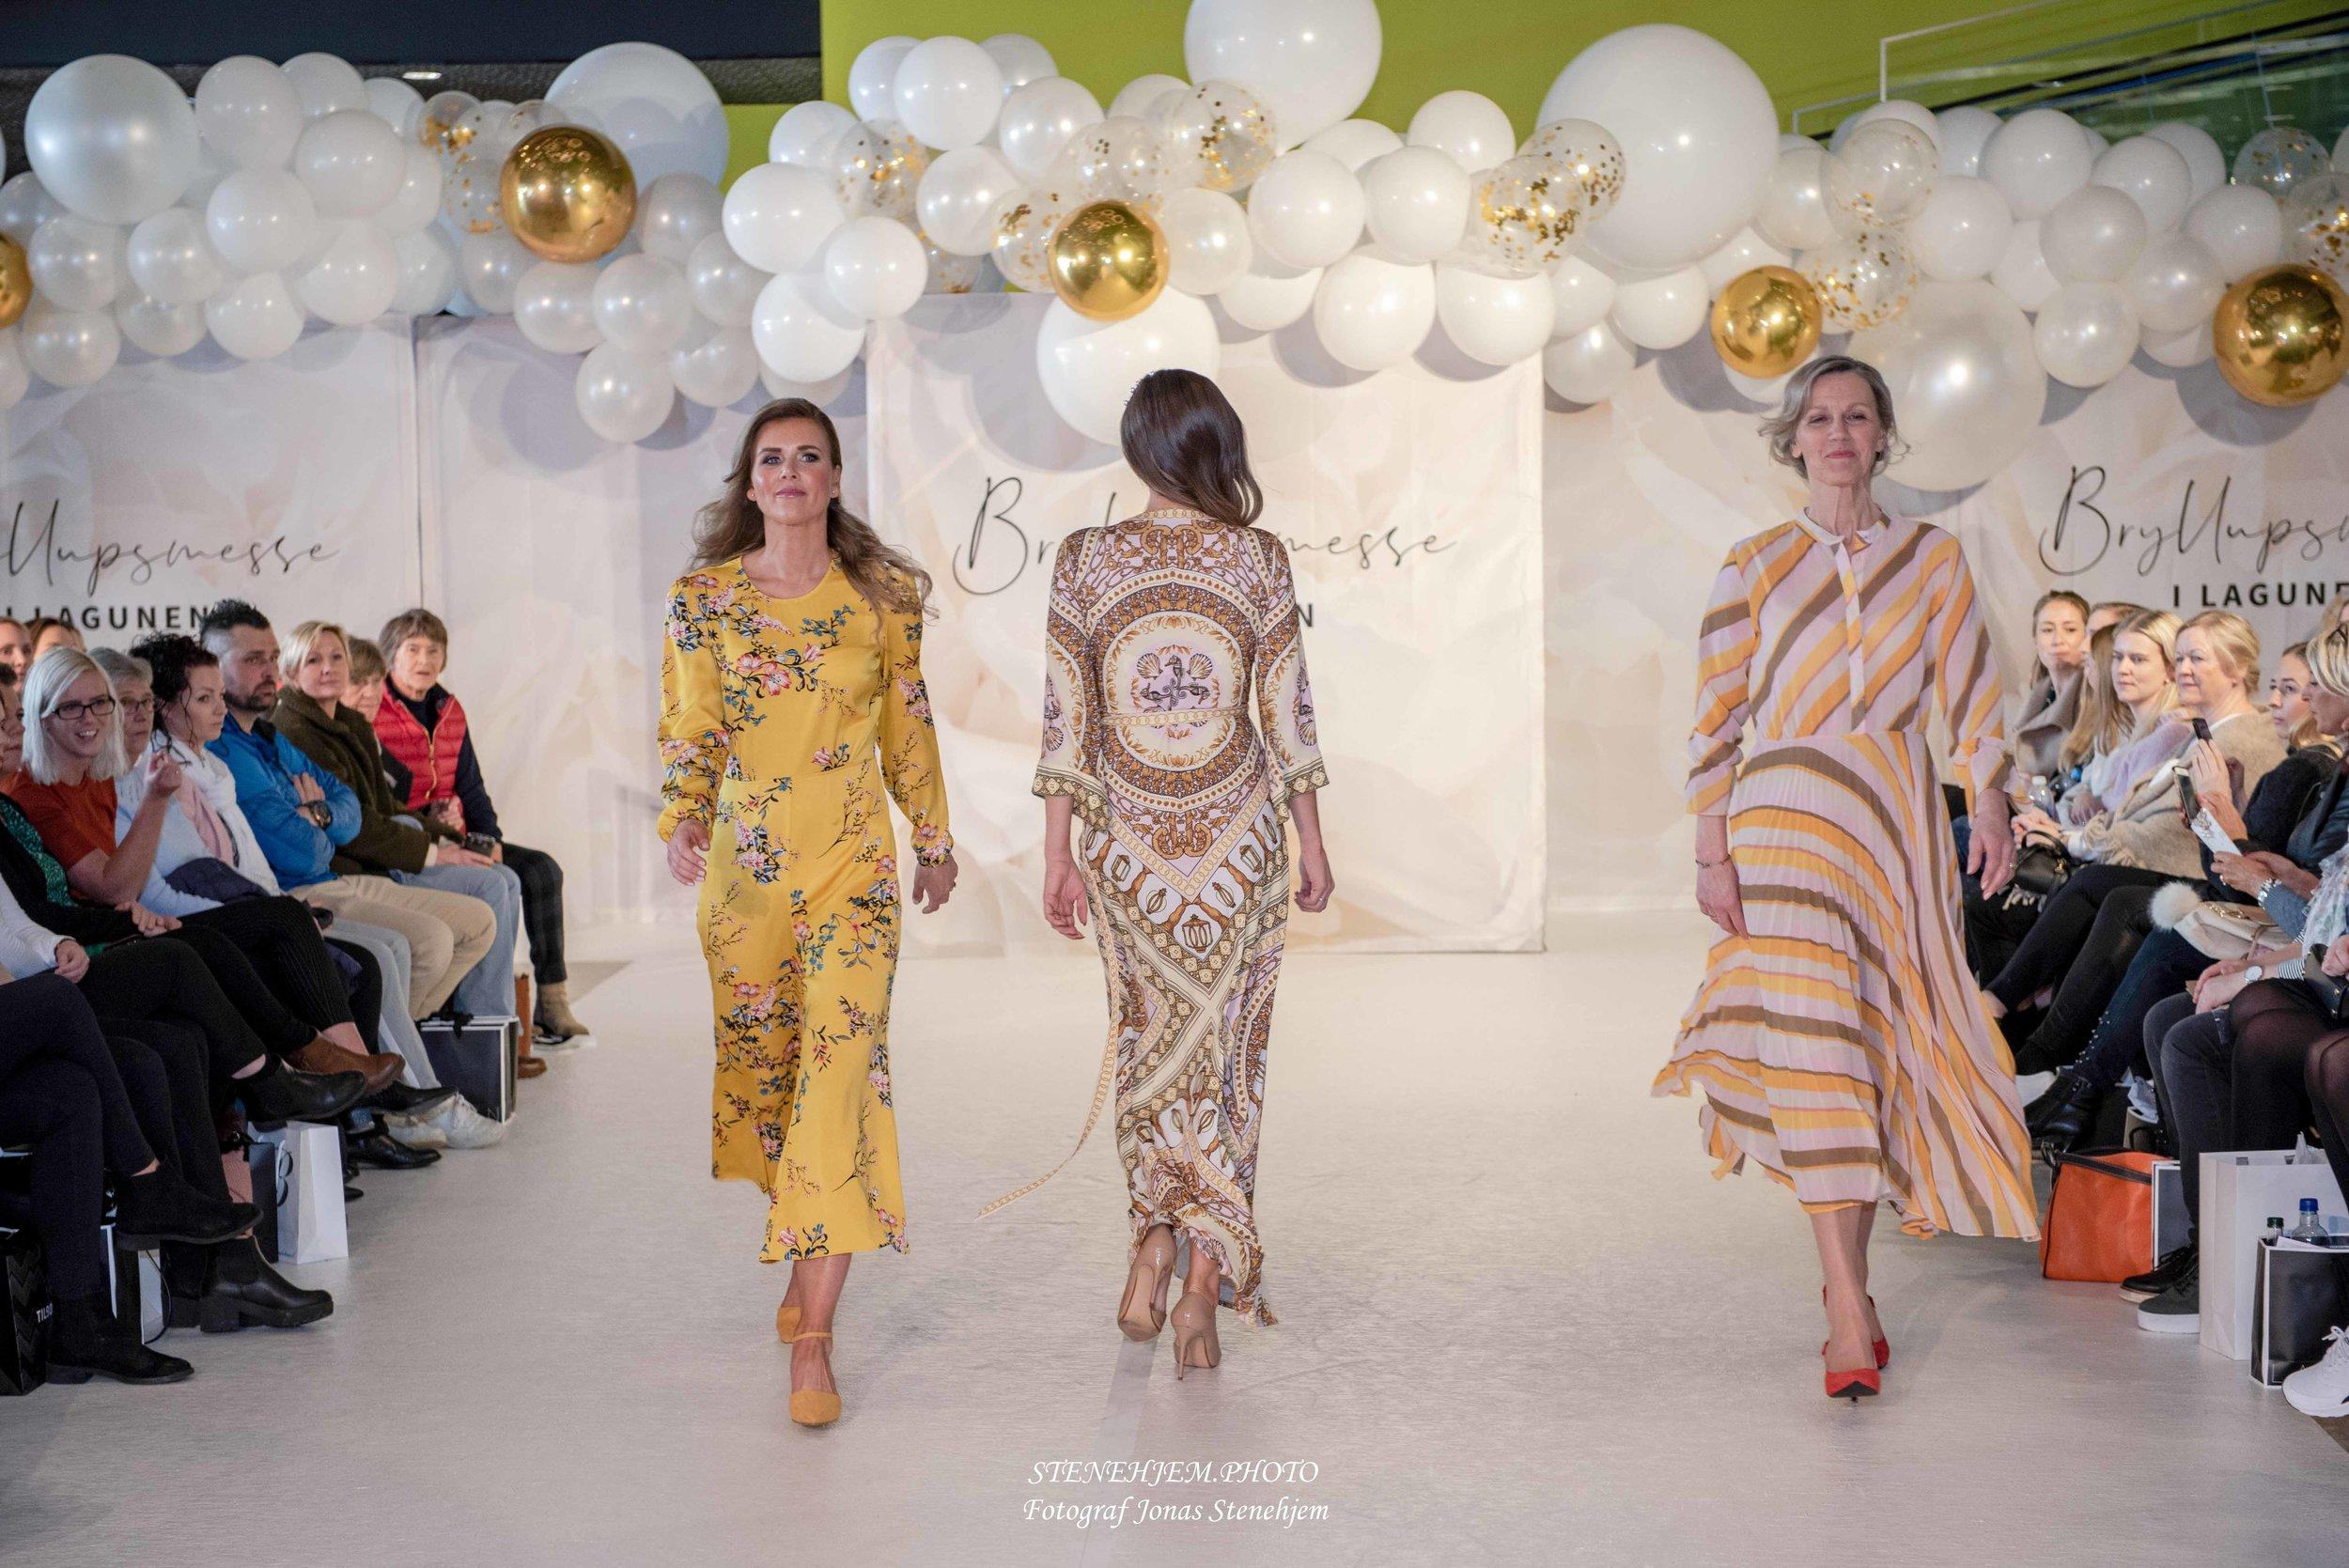 lagunen_fashion_mittaltweddingfair__010.jpg